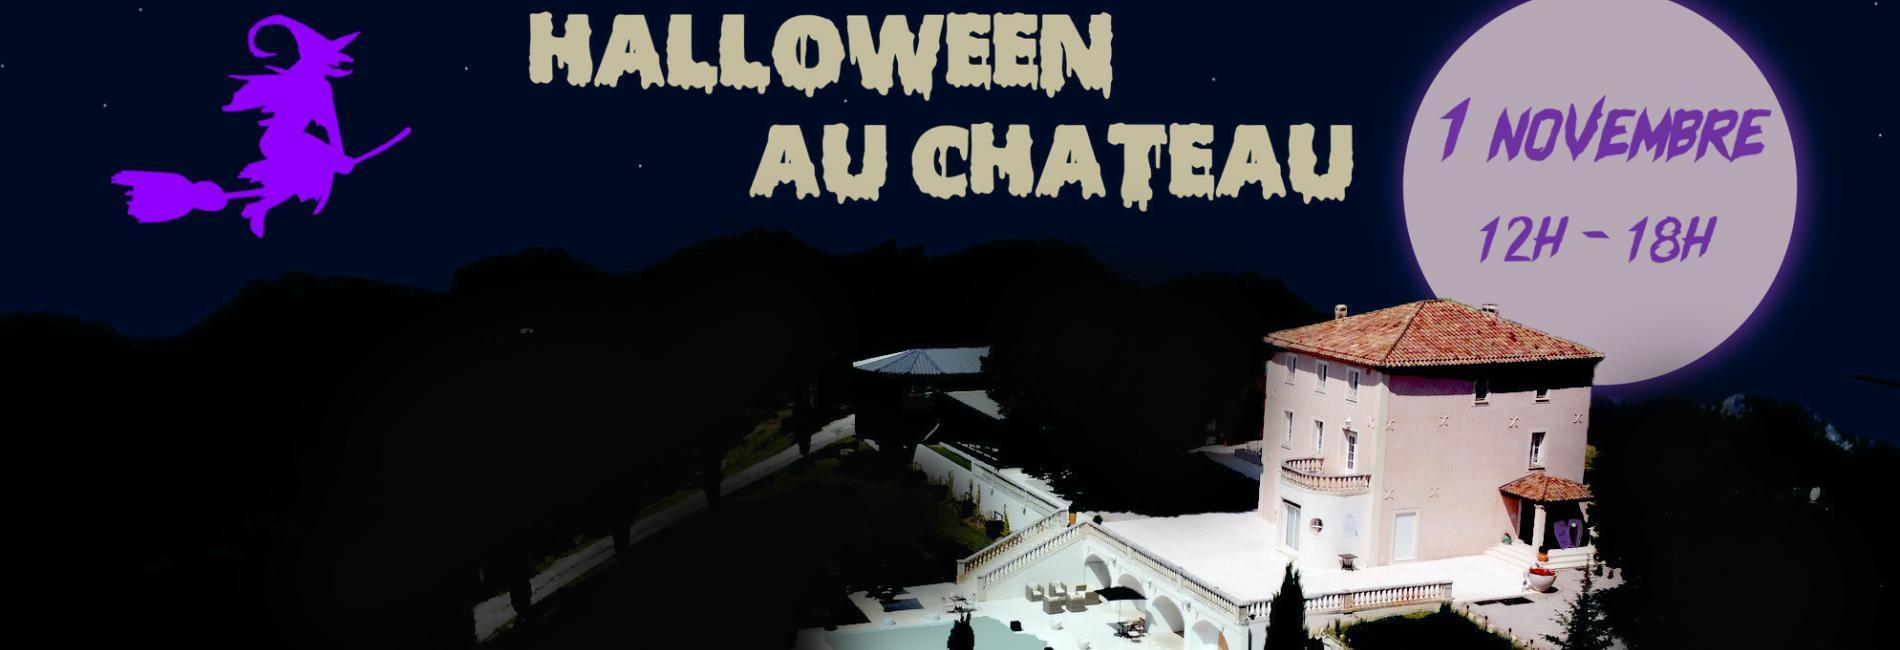 Venez feter HALLOWEEN de 12H à 18H le 31 octobre